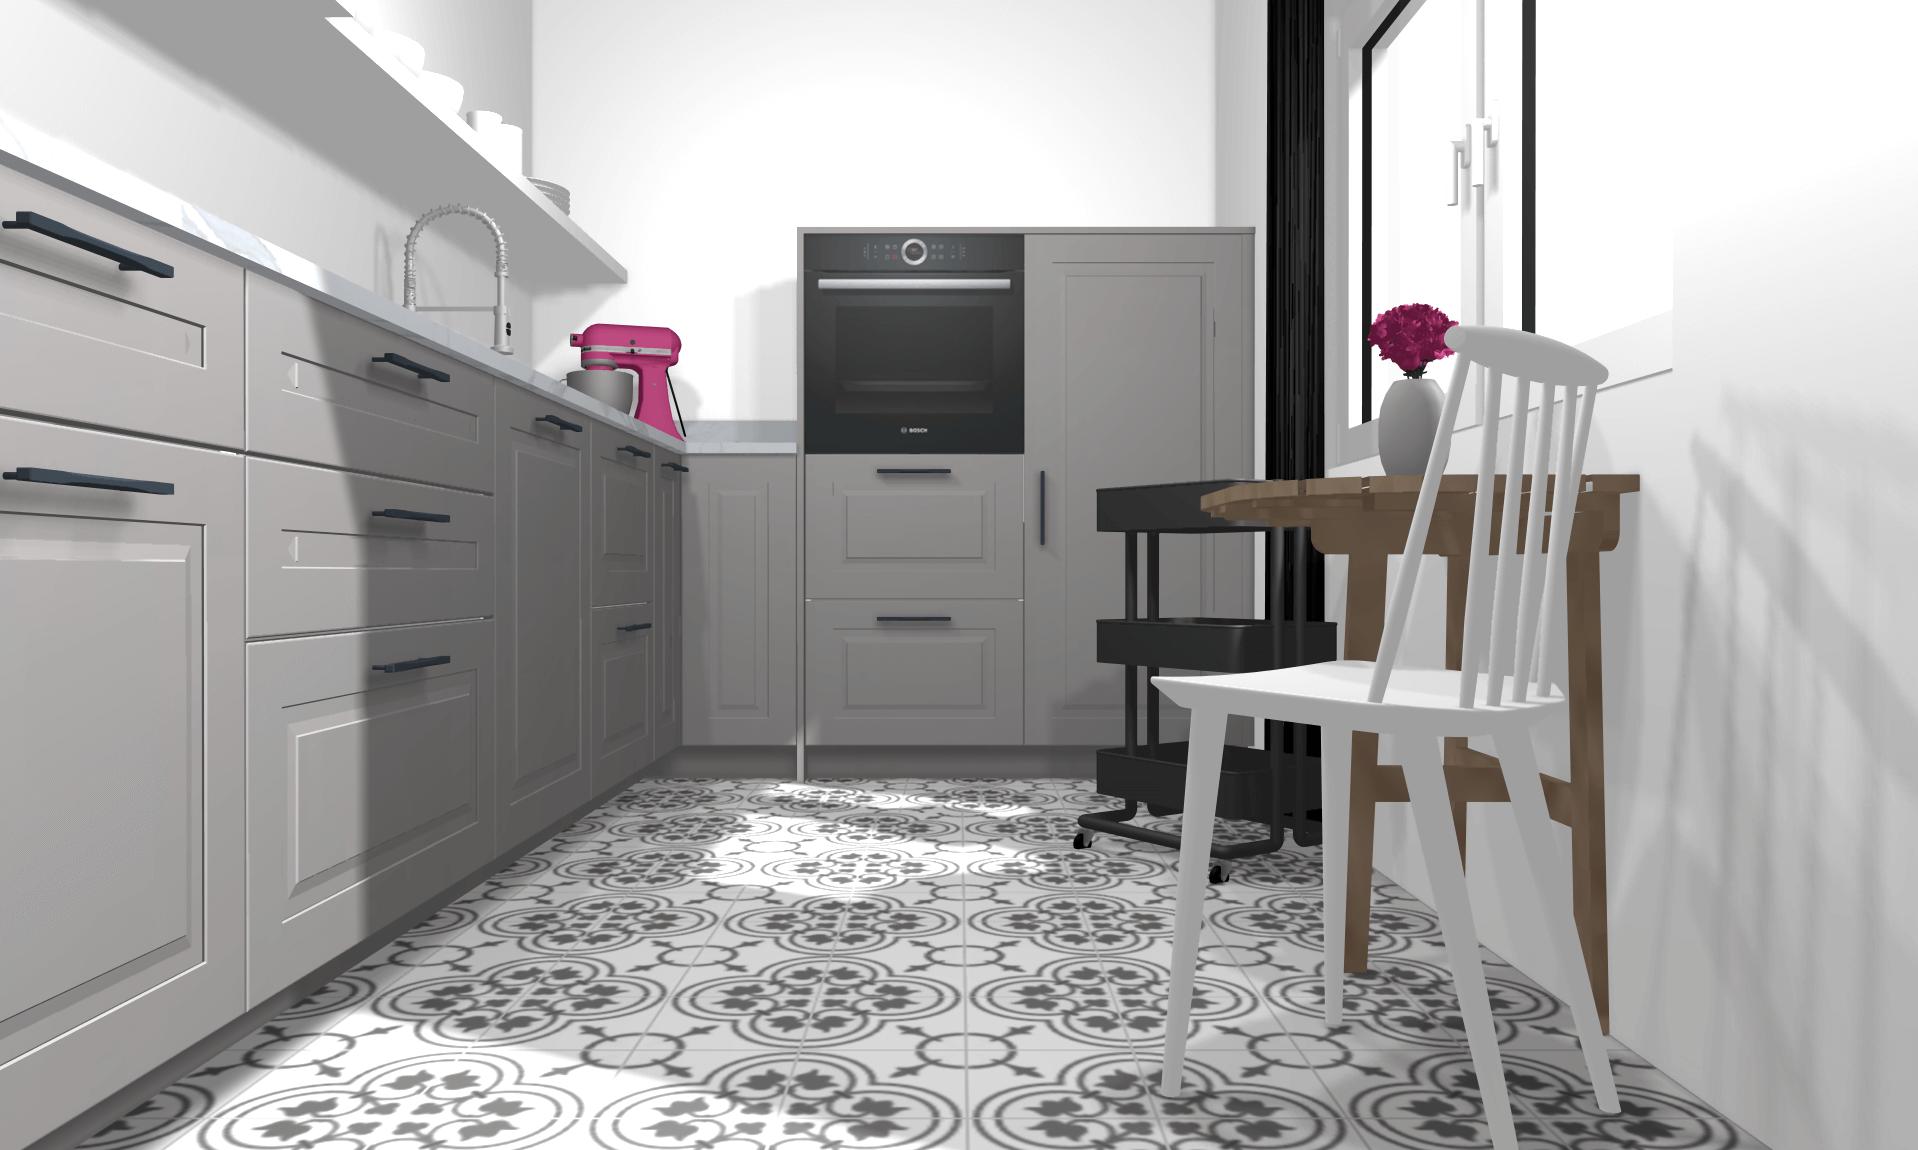 Ikea Küchen Planen Termin  Küchen Planen, Montieren & Aufbauen